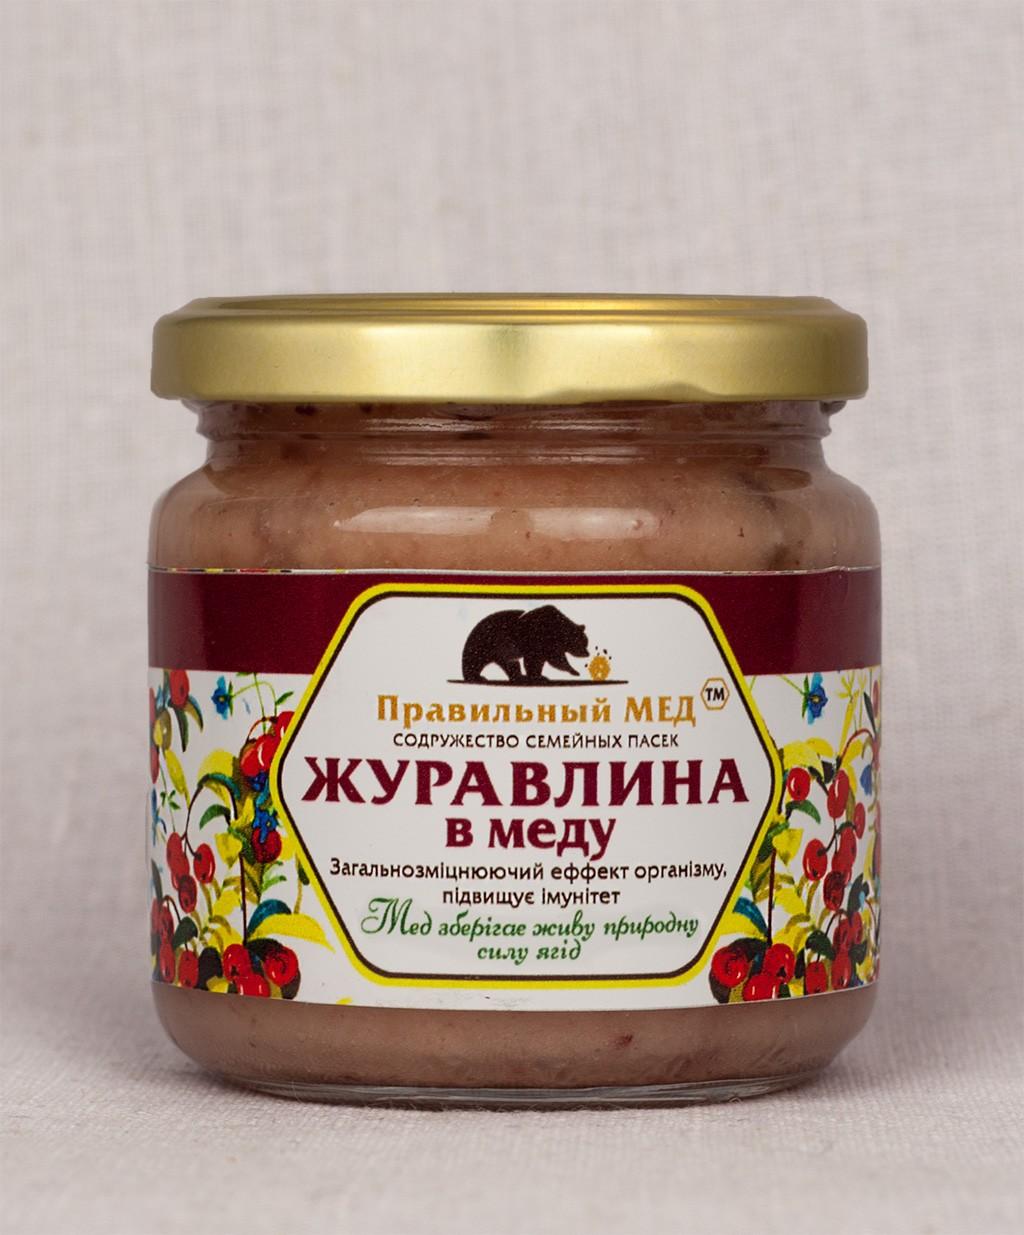 Мед с клюквой. Крем-мед с добавкой полезной ягоды клюквы.